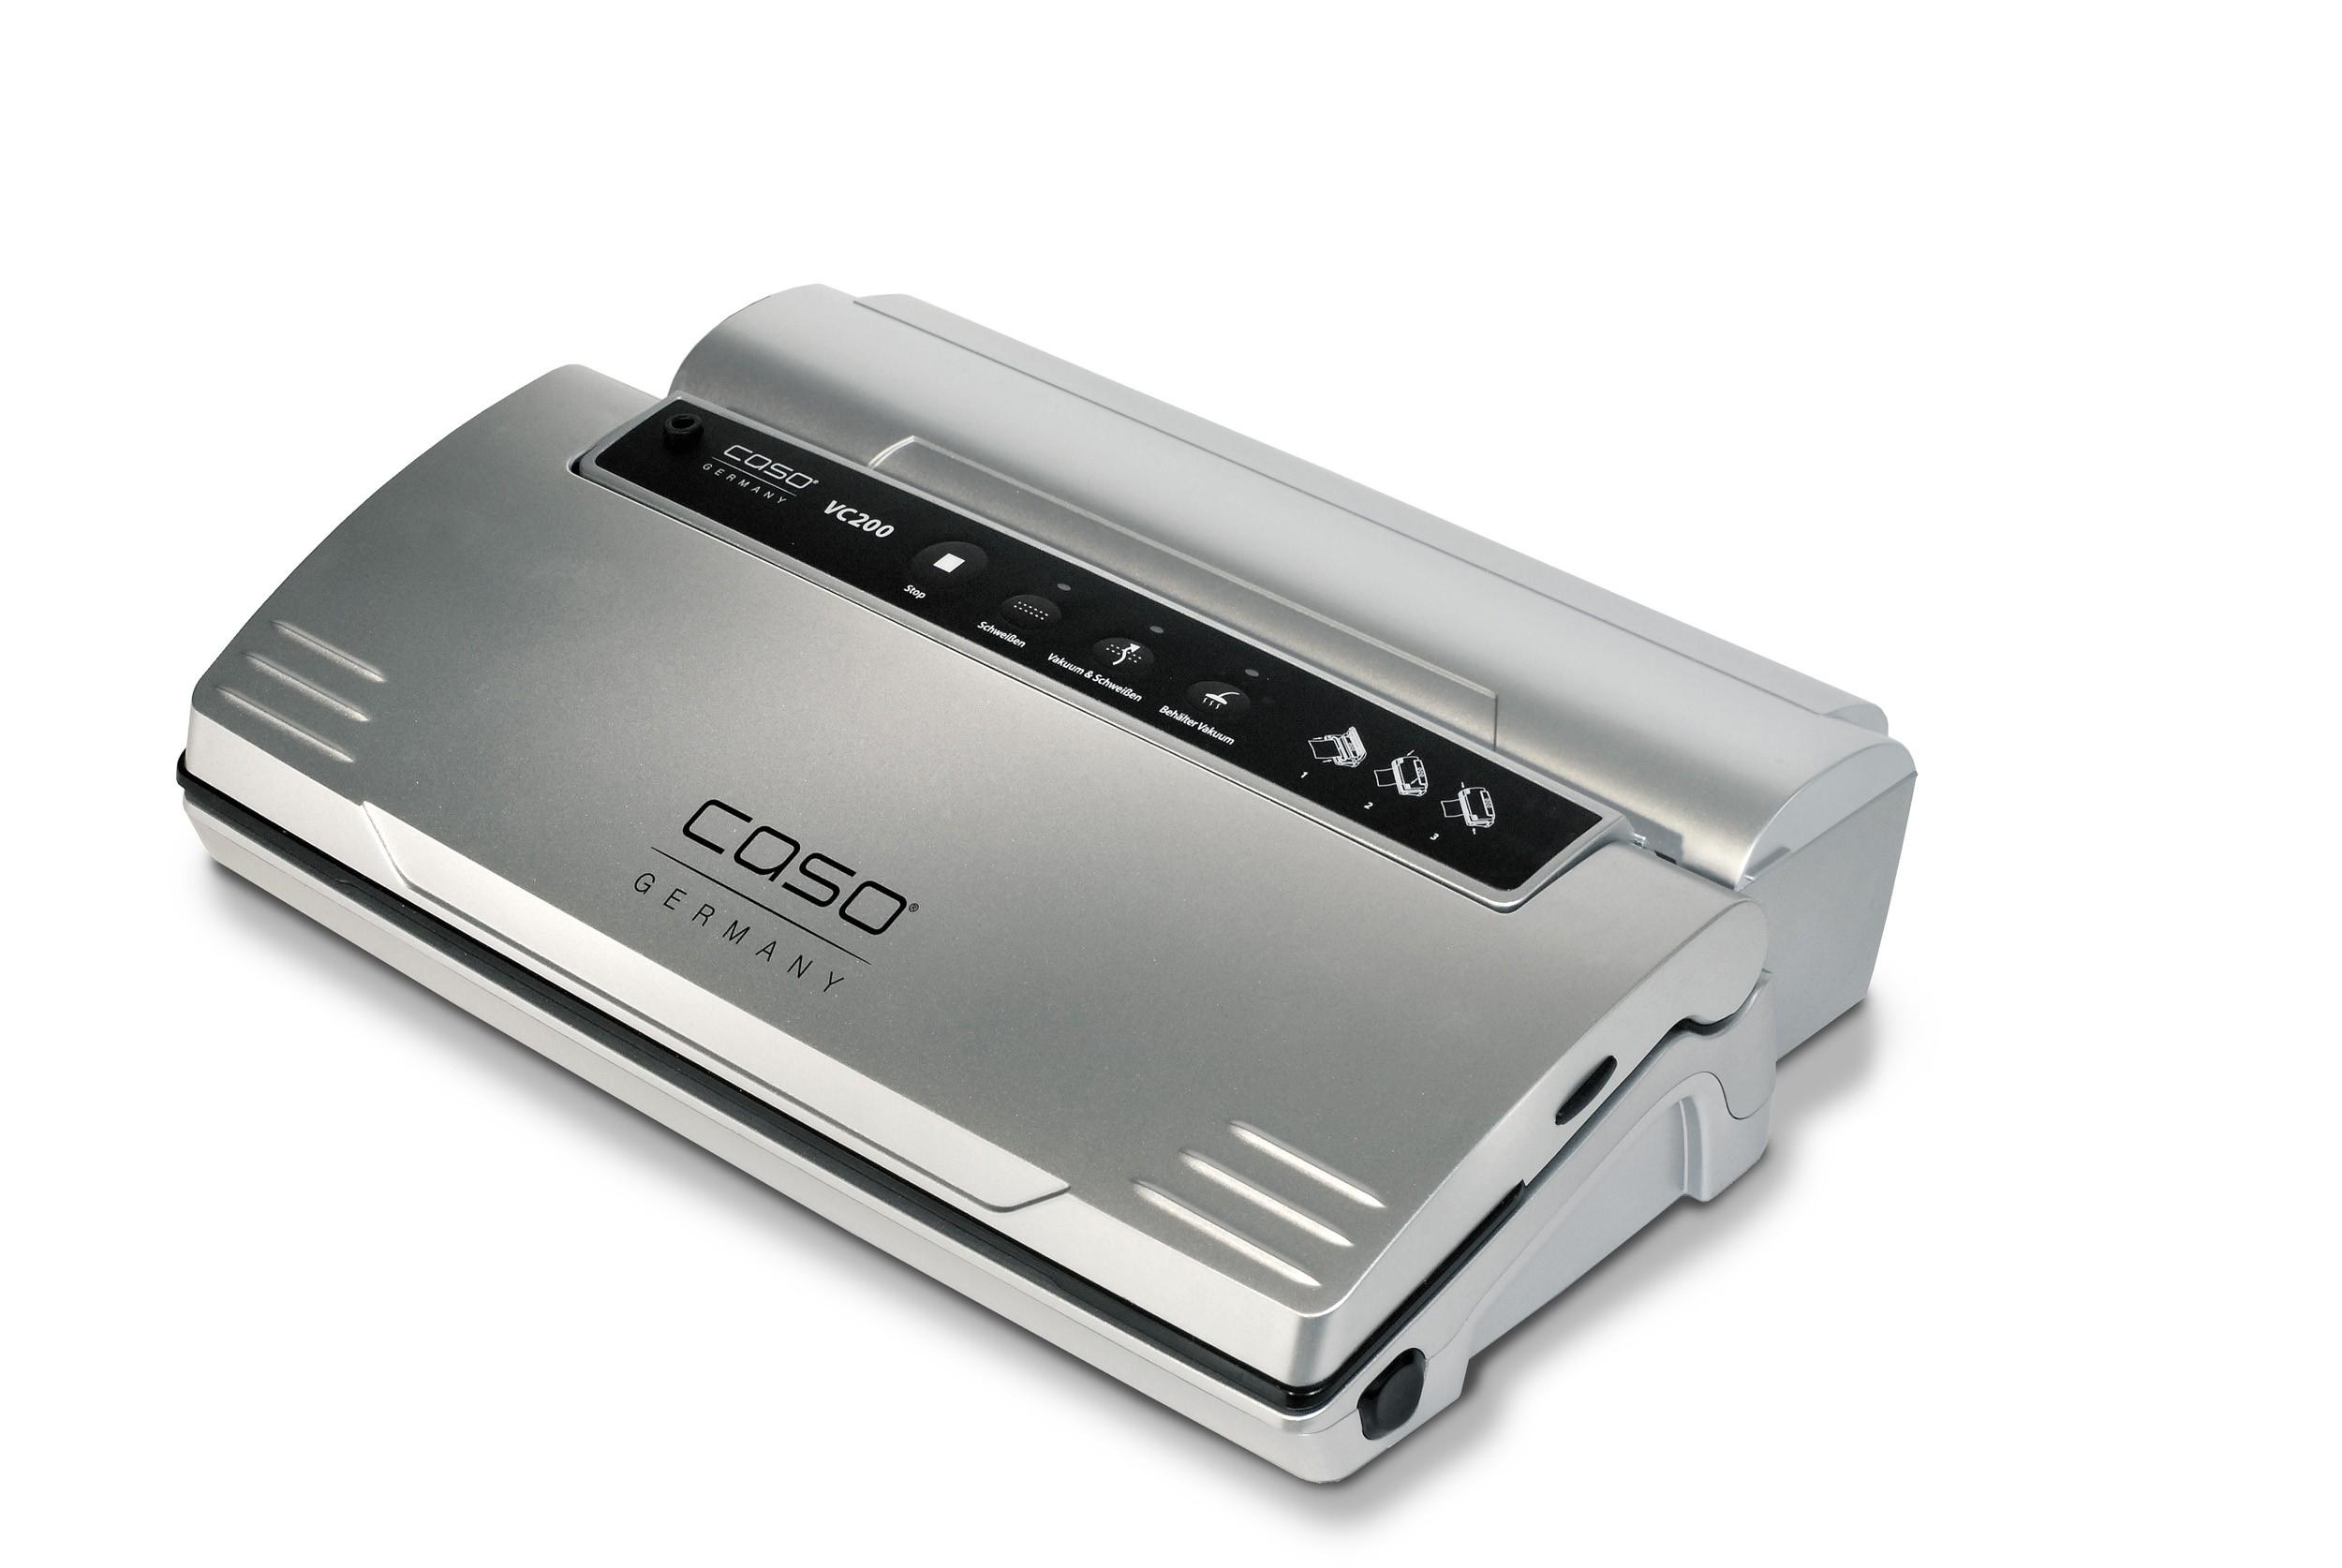 CASO Vakuumierer VC 200 mit Cutter und Folienbox